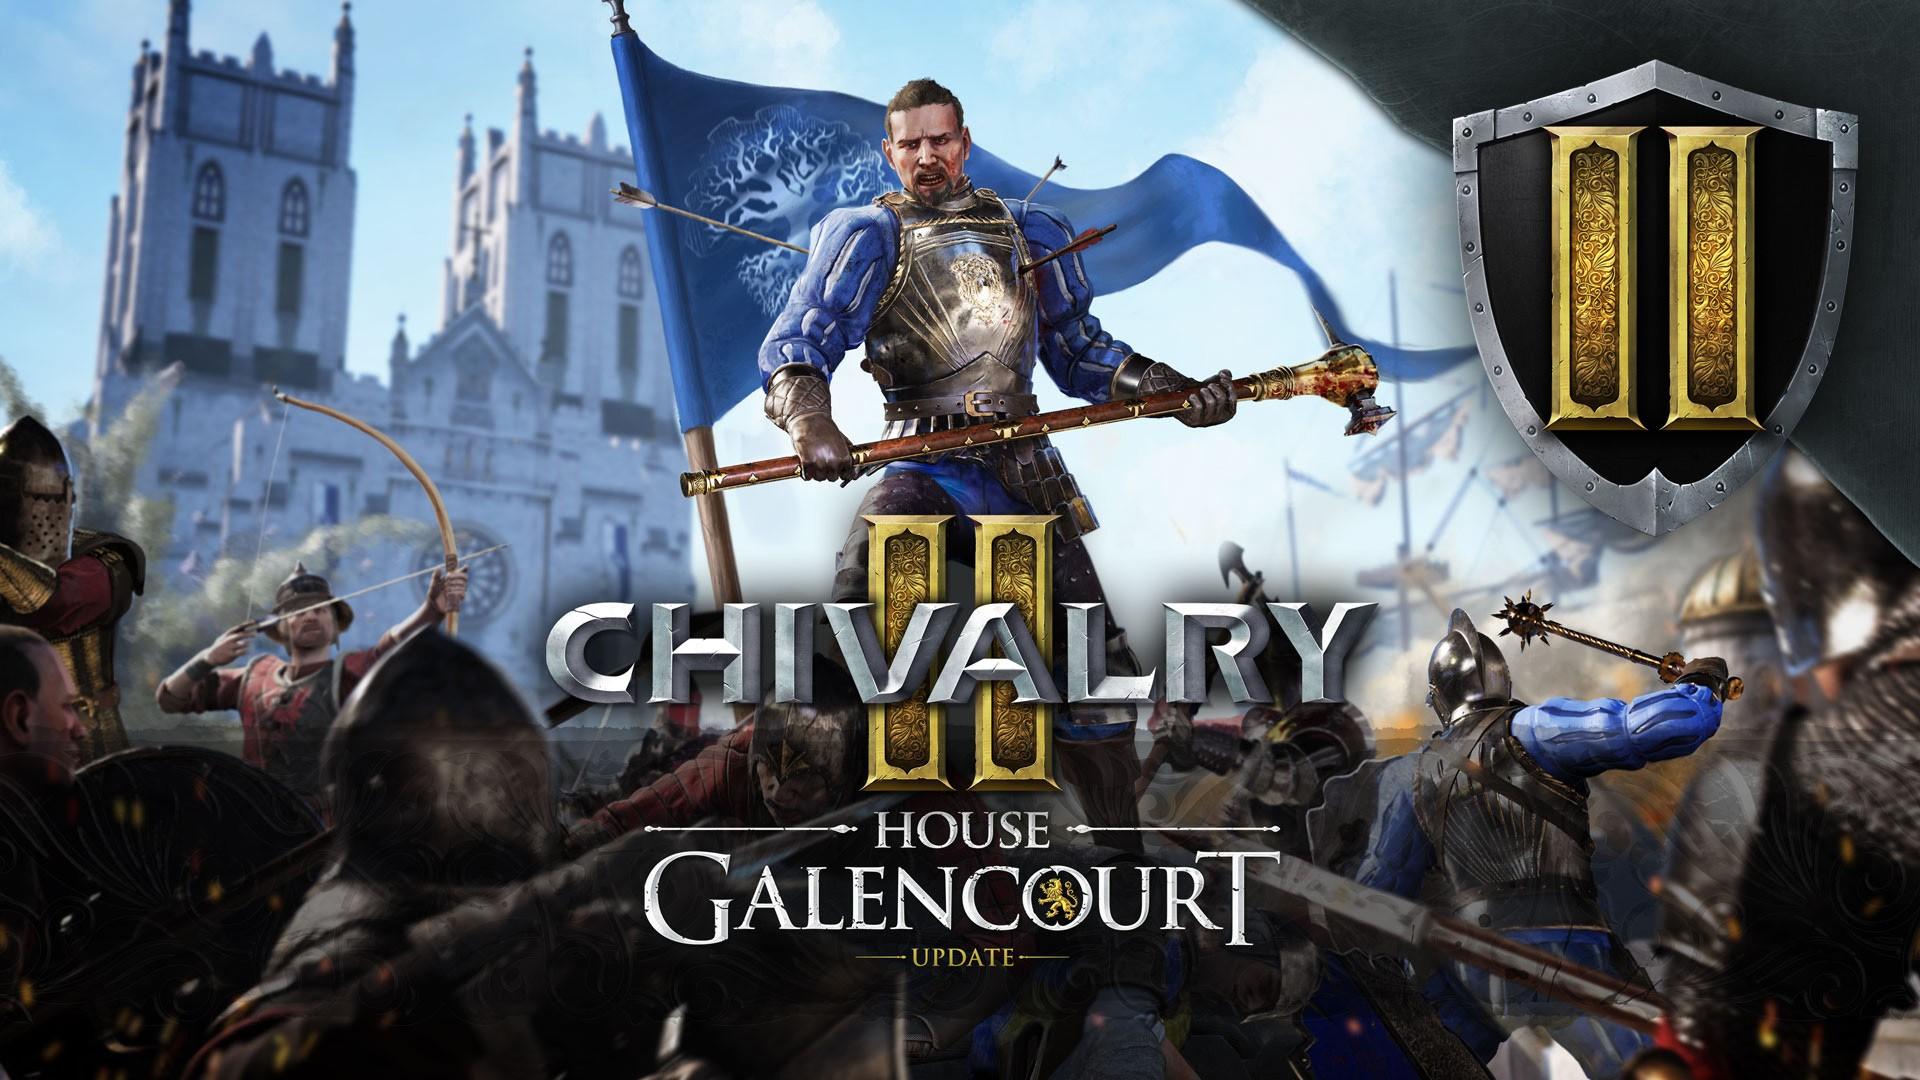 Il videogioco Chivalry 2: House Galencourt – Nuovi aggiornamenti